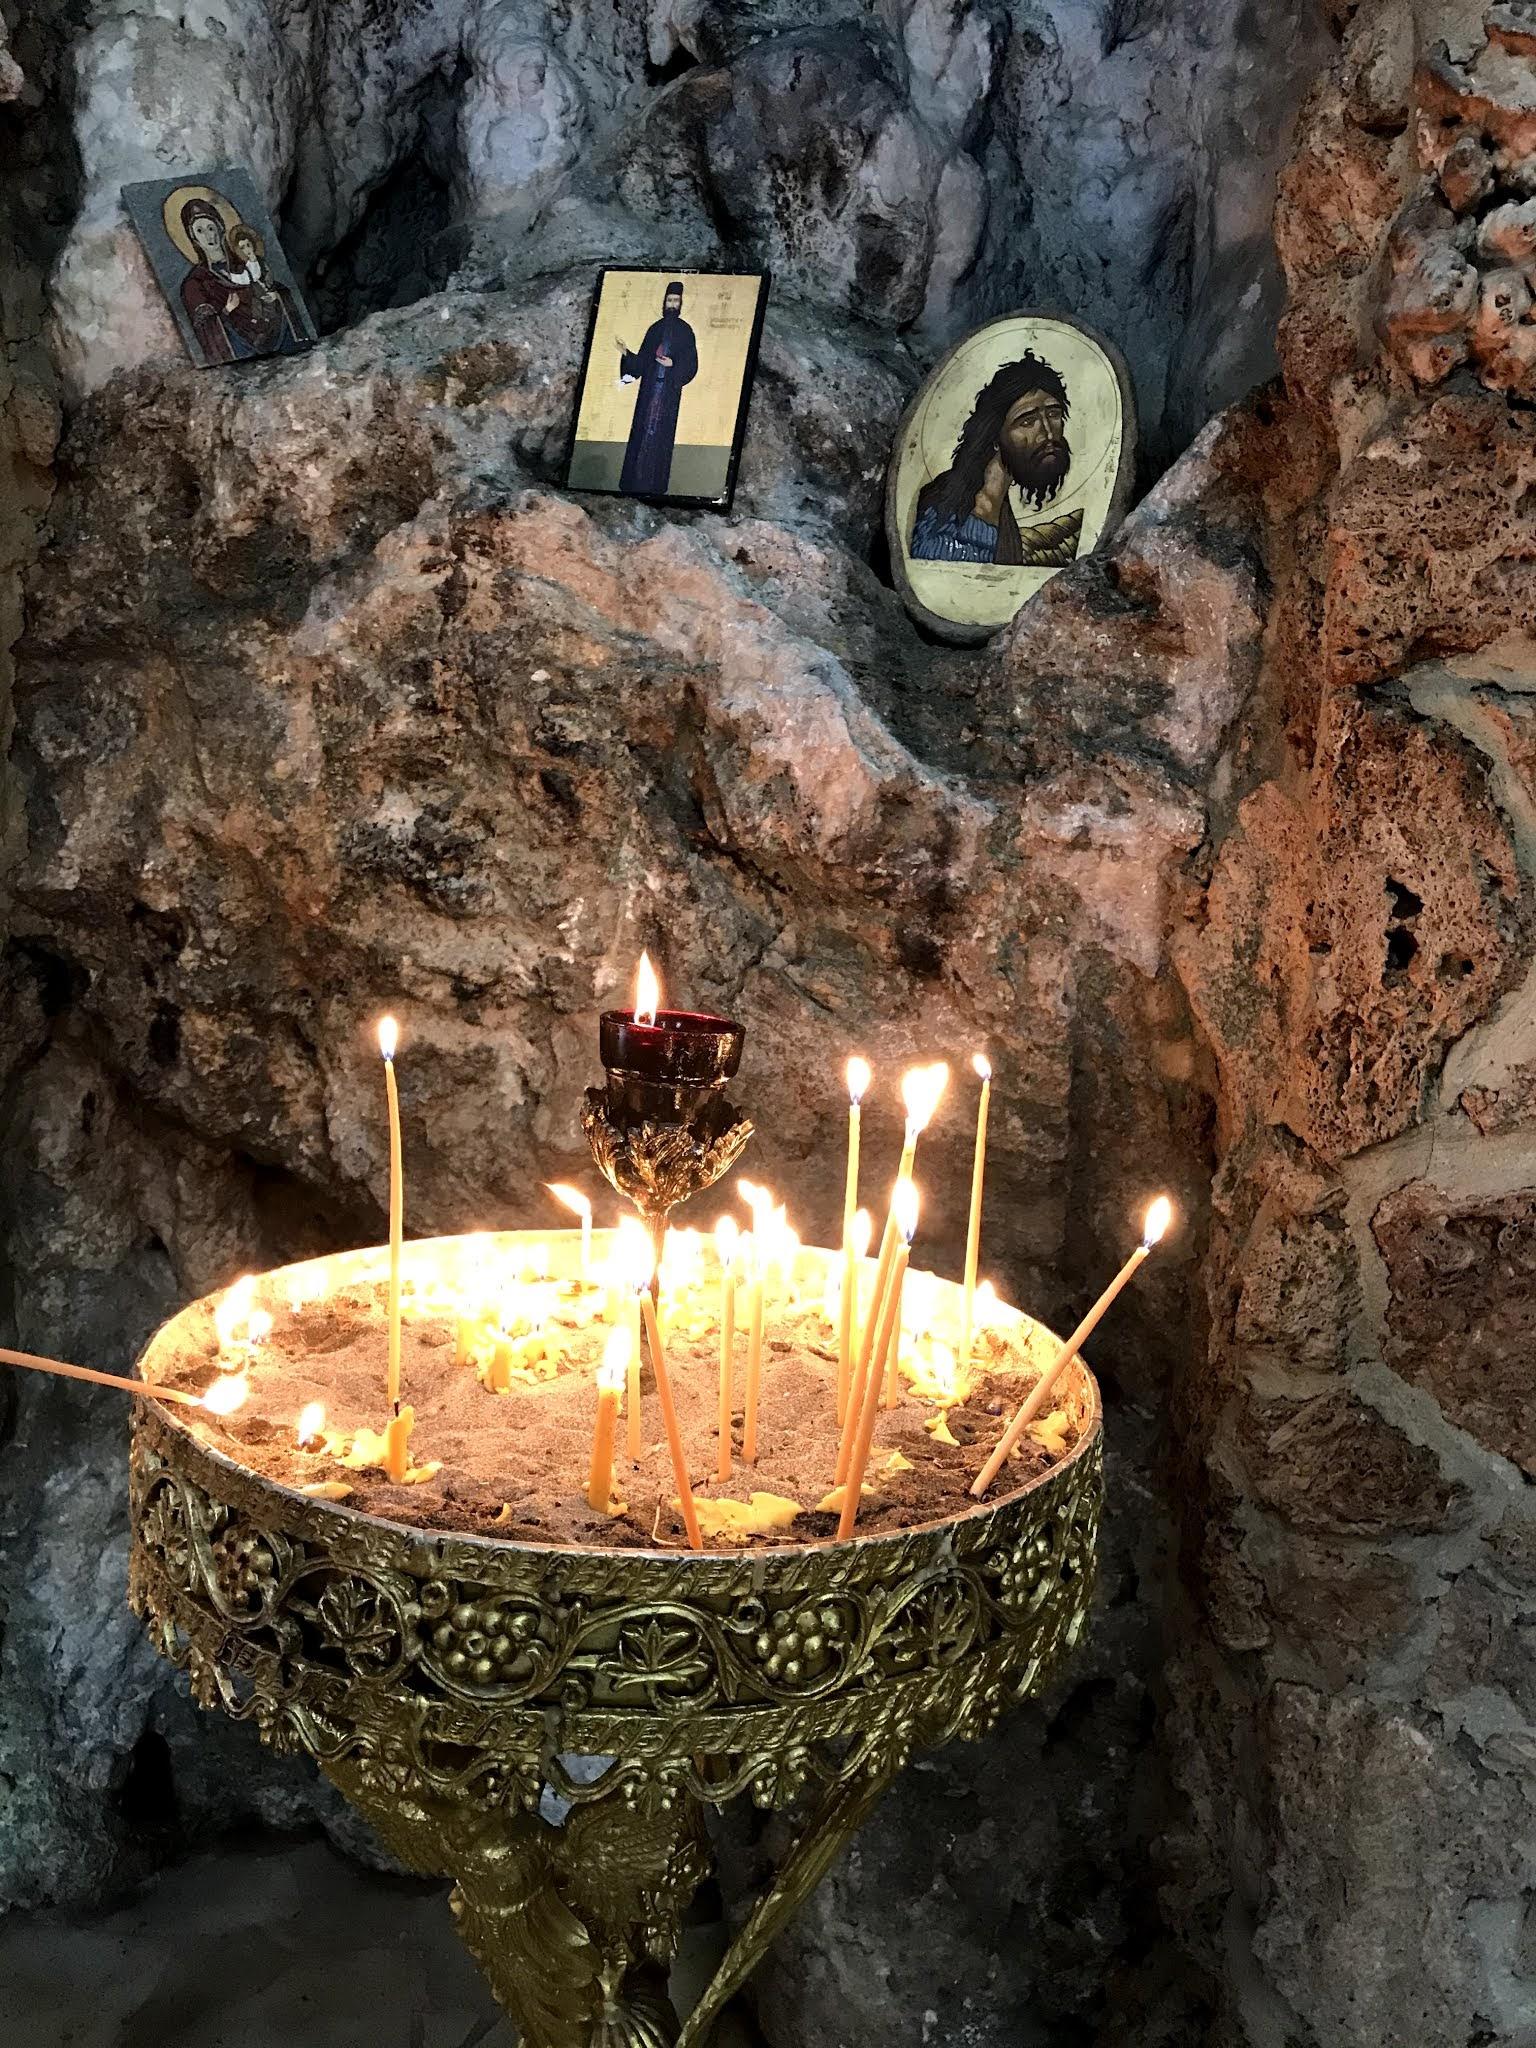 Ακουμπισμένη πάνω σε βράχο που αποτελεί την αριστερή πλευρά του ναού αλλά και μέρος του ιερού, η εκκλησία της Αγίας Κυριακής είναι ουσιαστικά κτισμένη πάνω στη σπηλιά